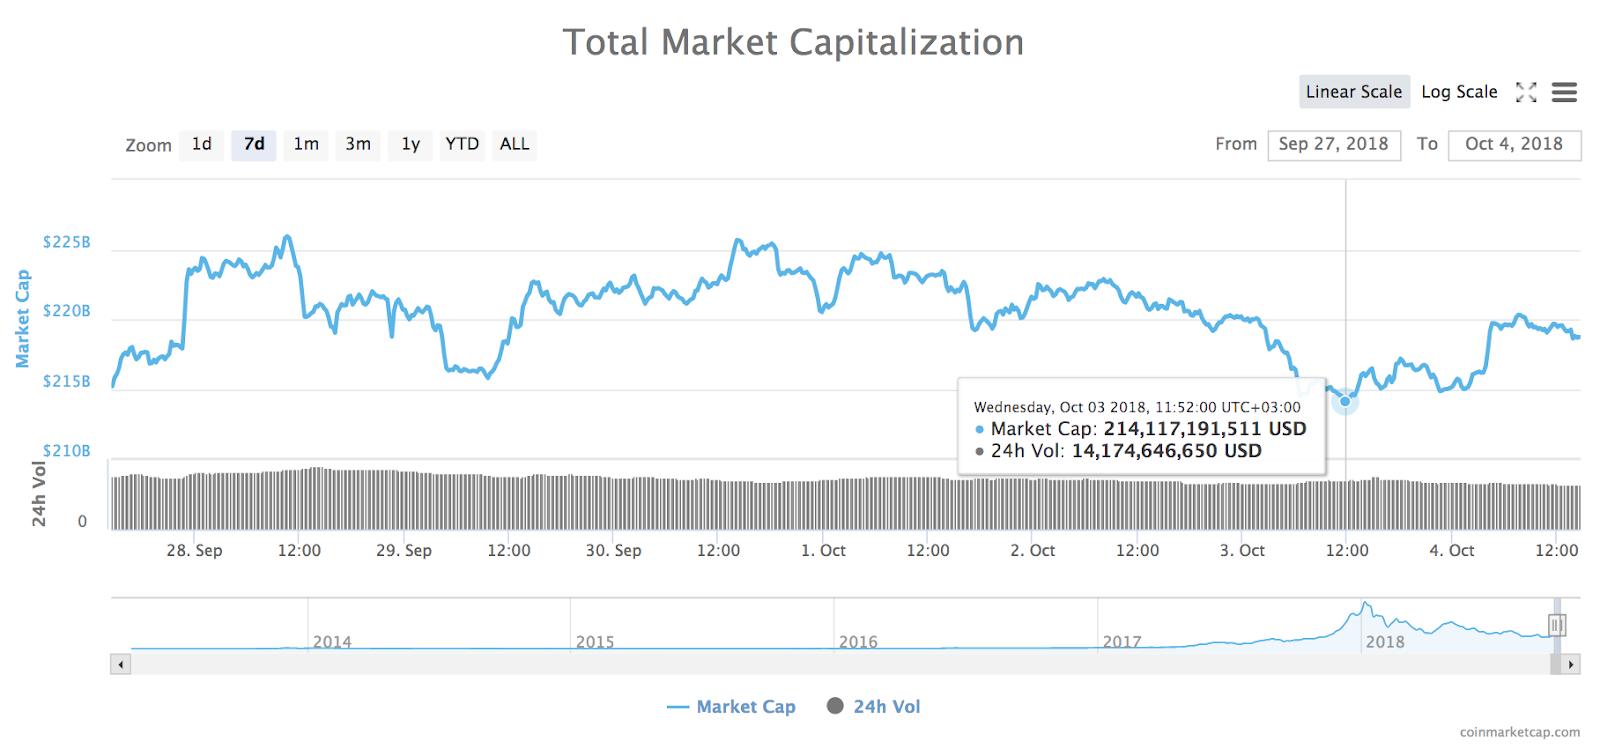 7-Tage-Chart der Gesamtmarktkapitalisierung aller Kryptowährungen